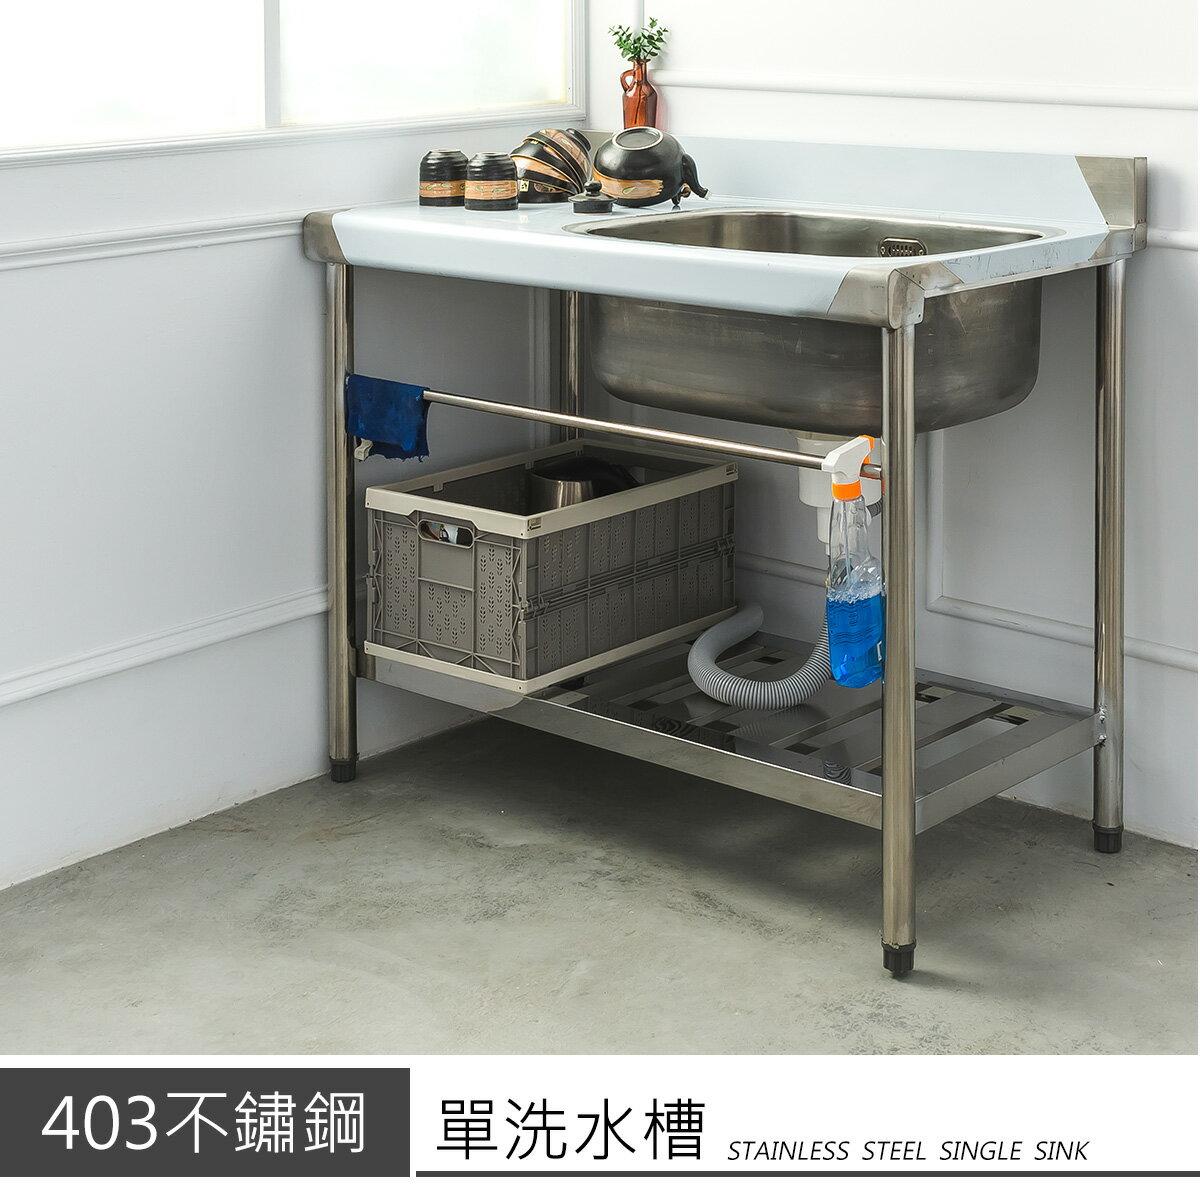 【dayneeds】不鏽鋼【100公分 右水槽】單洗水槽 流理台 洗碗槽 洗手槽